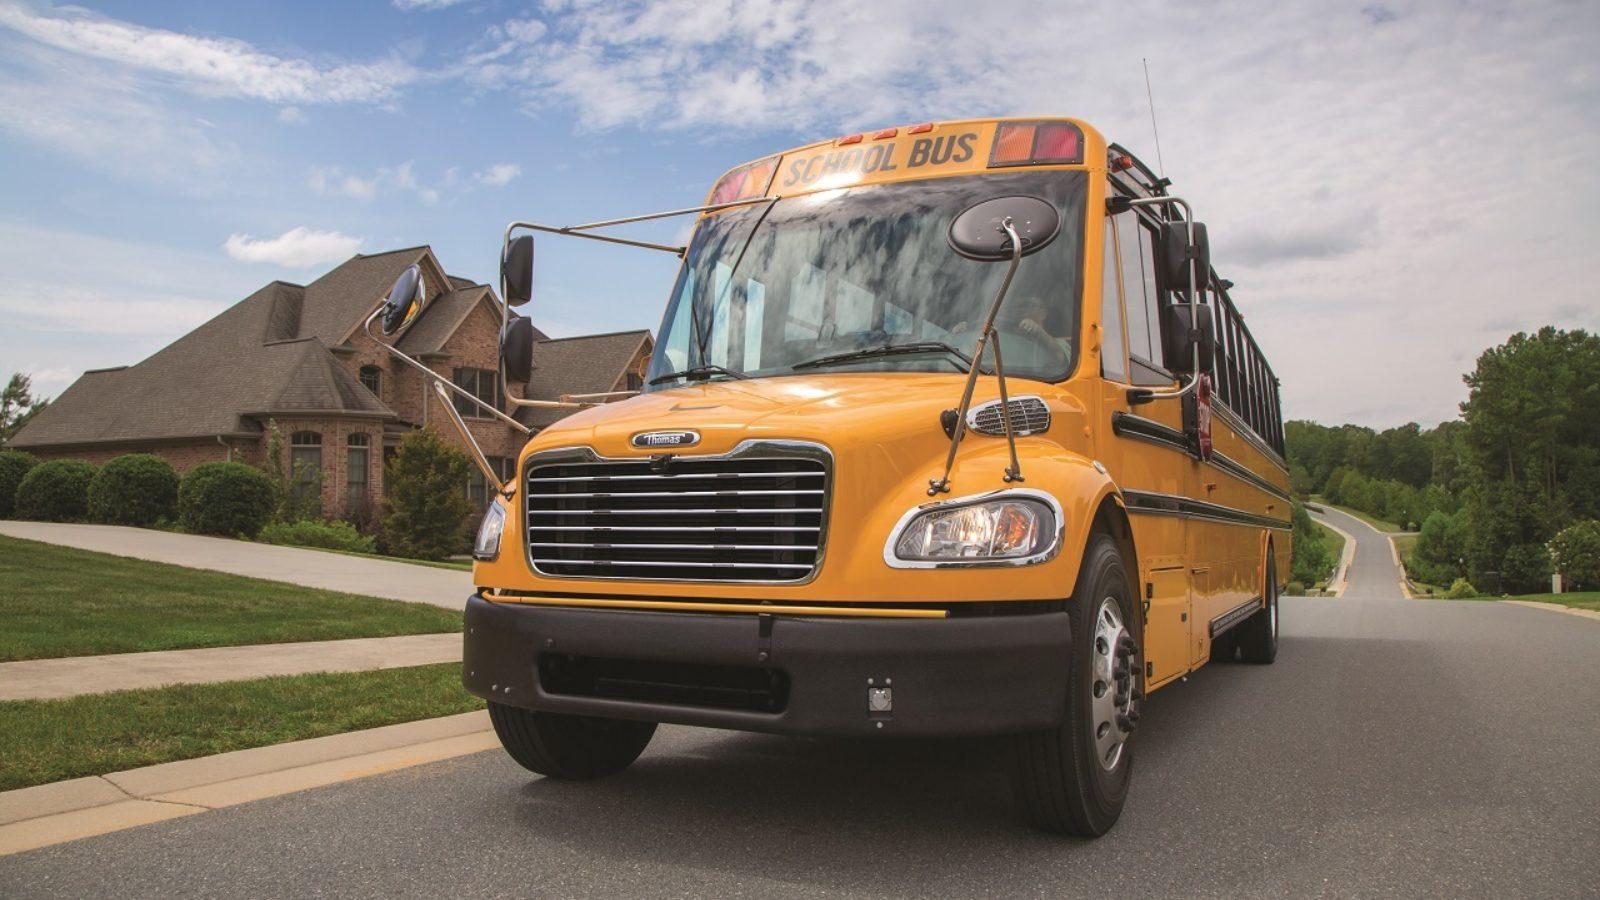 Kerlin bus saf t liner c2 6